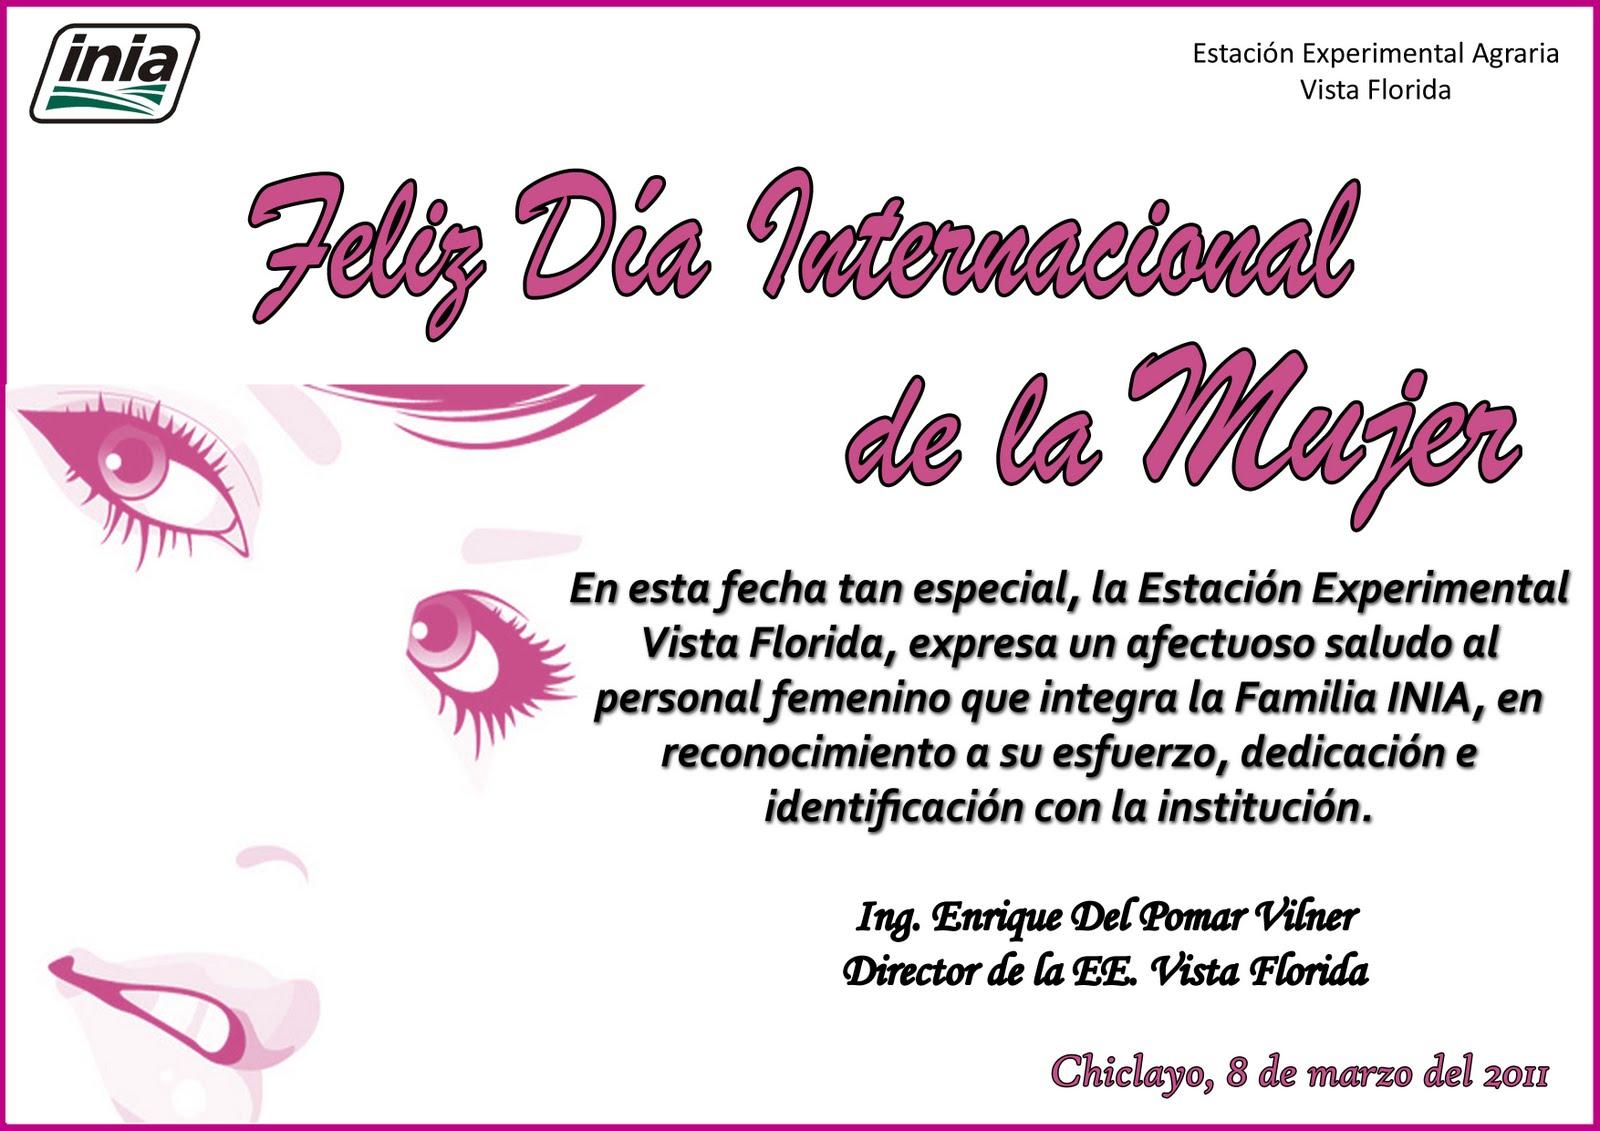 EEA. VISTA FLORIDA - CHICLAYO: Feliz Día Internacional de ...